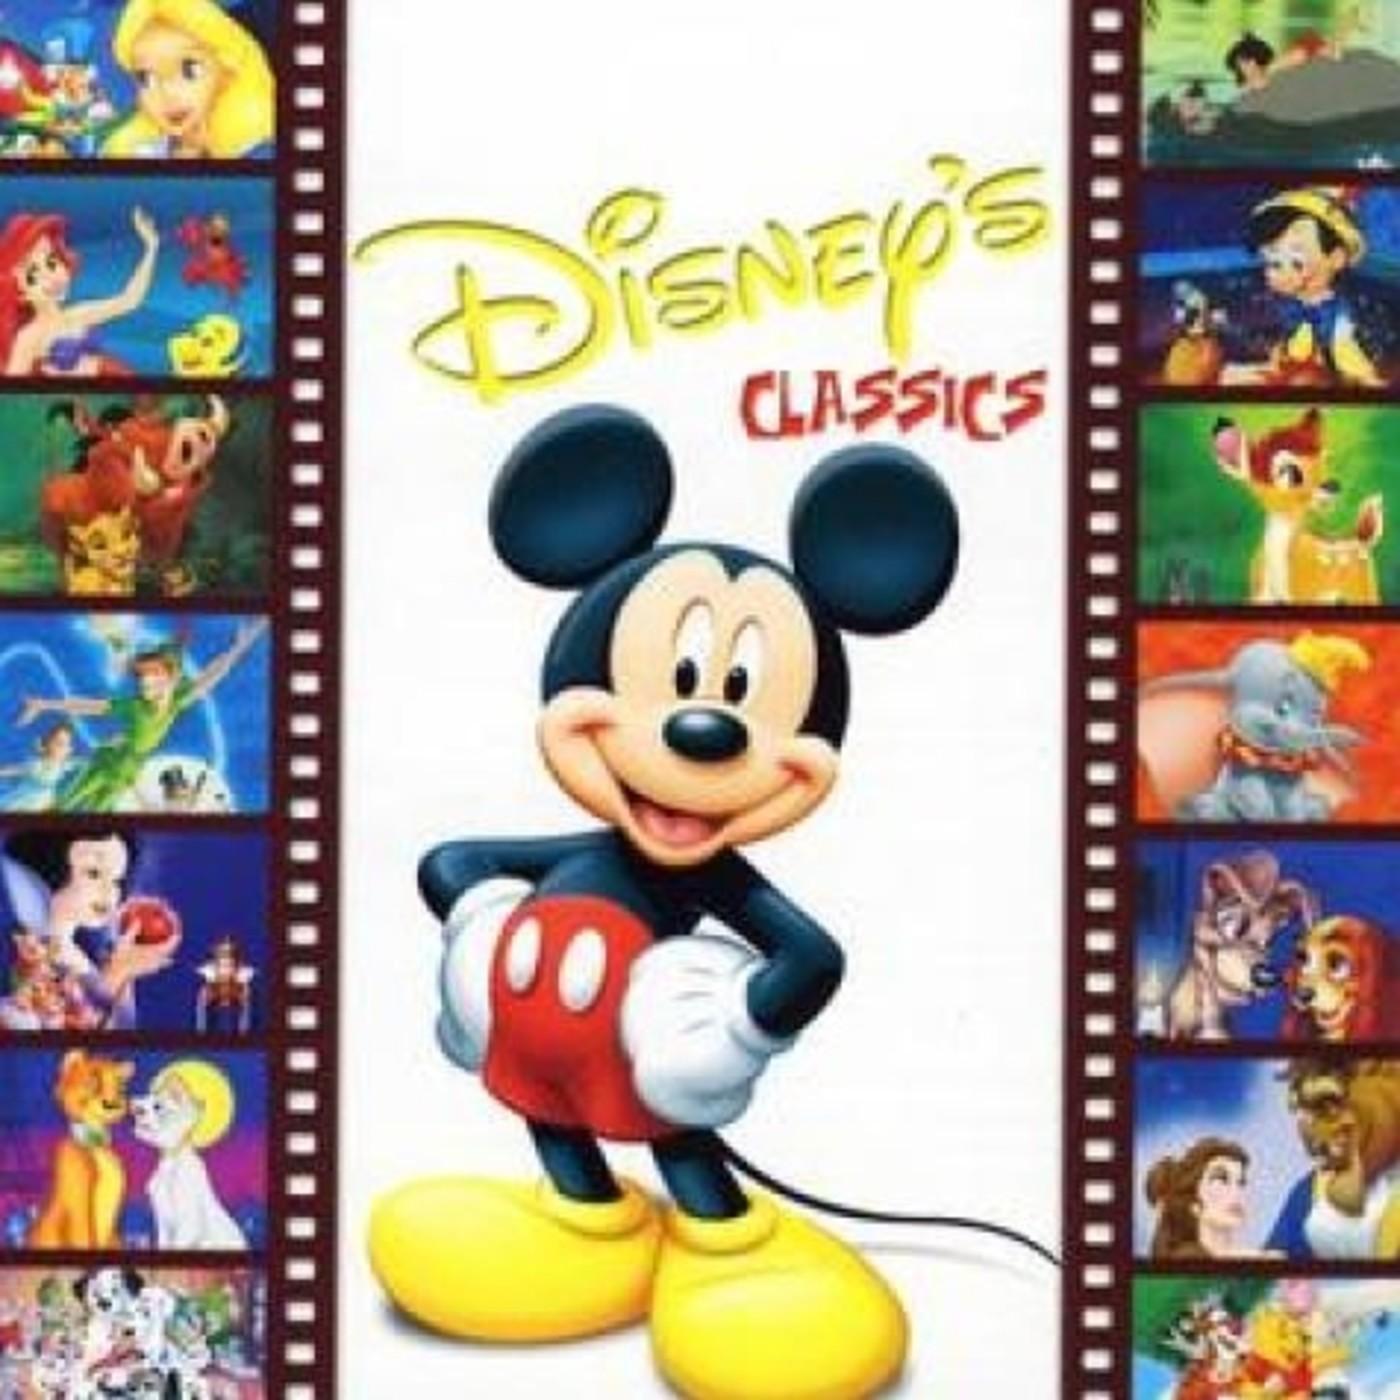 Cuentos Disney - La Sirenita